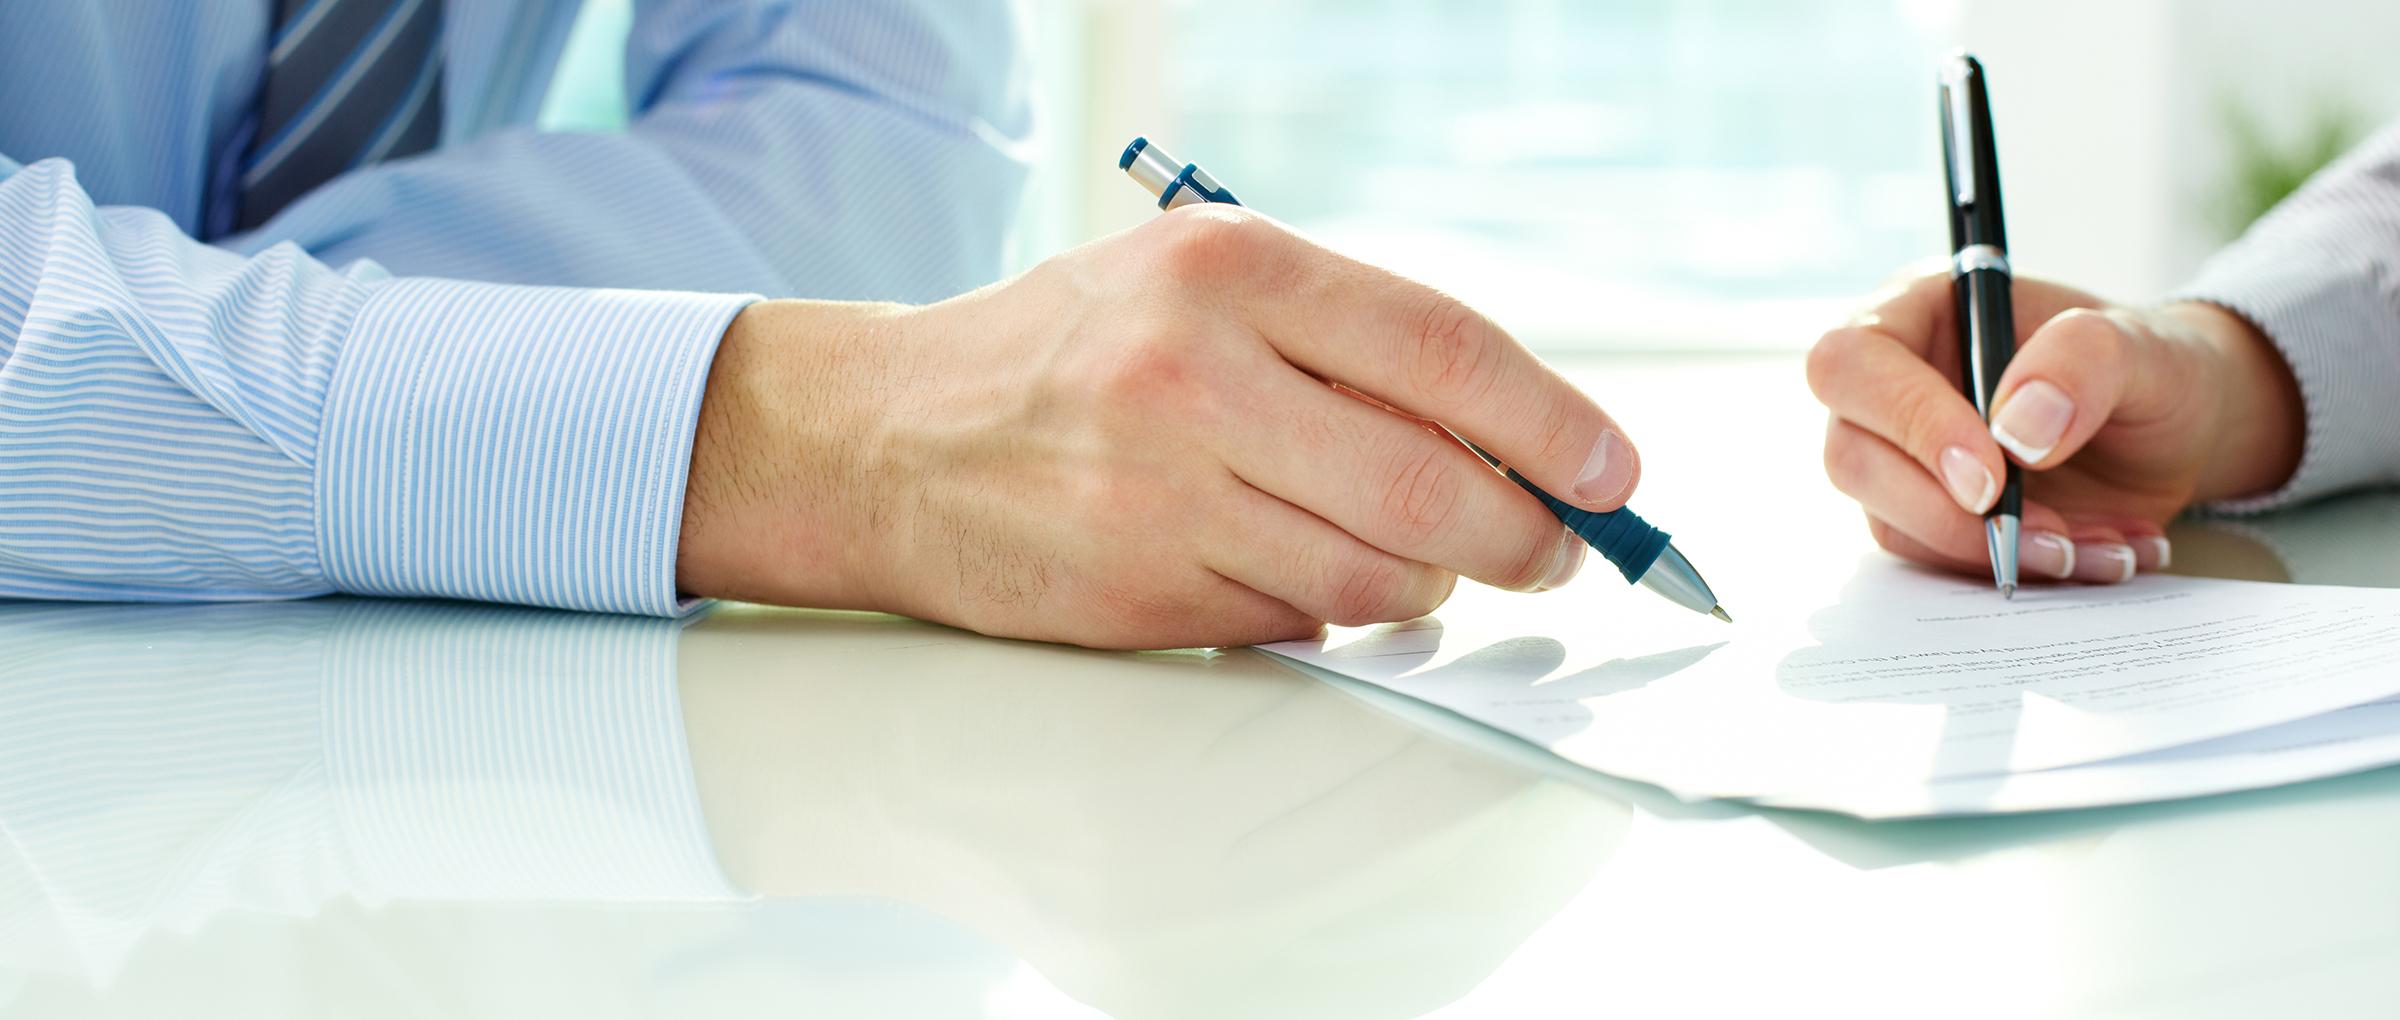 A partir de marzo, todos los contratos de alquiler tendrán que registrarse ante la AFIP